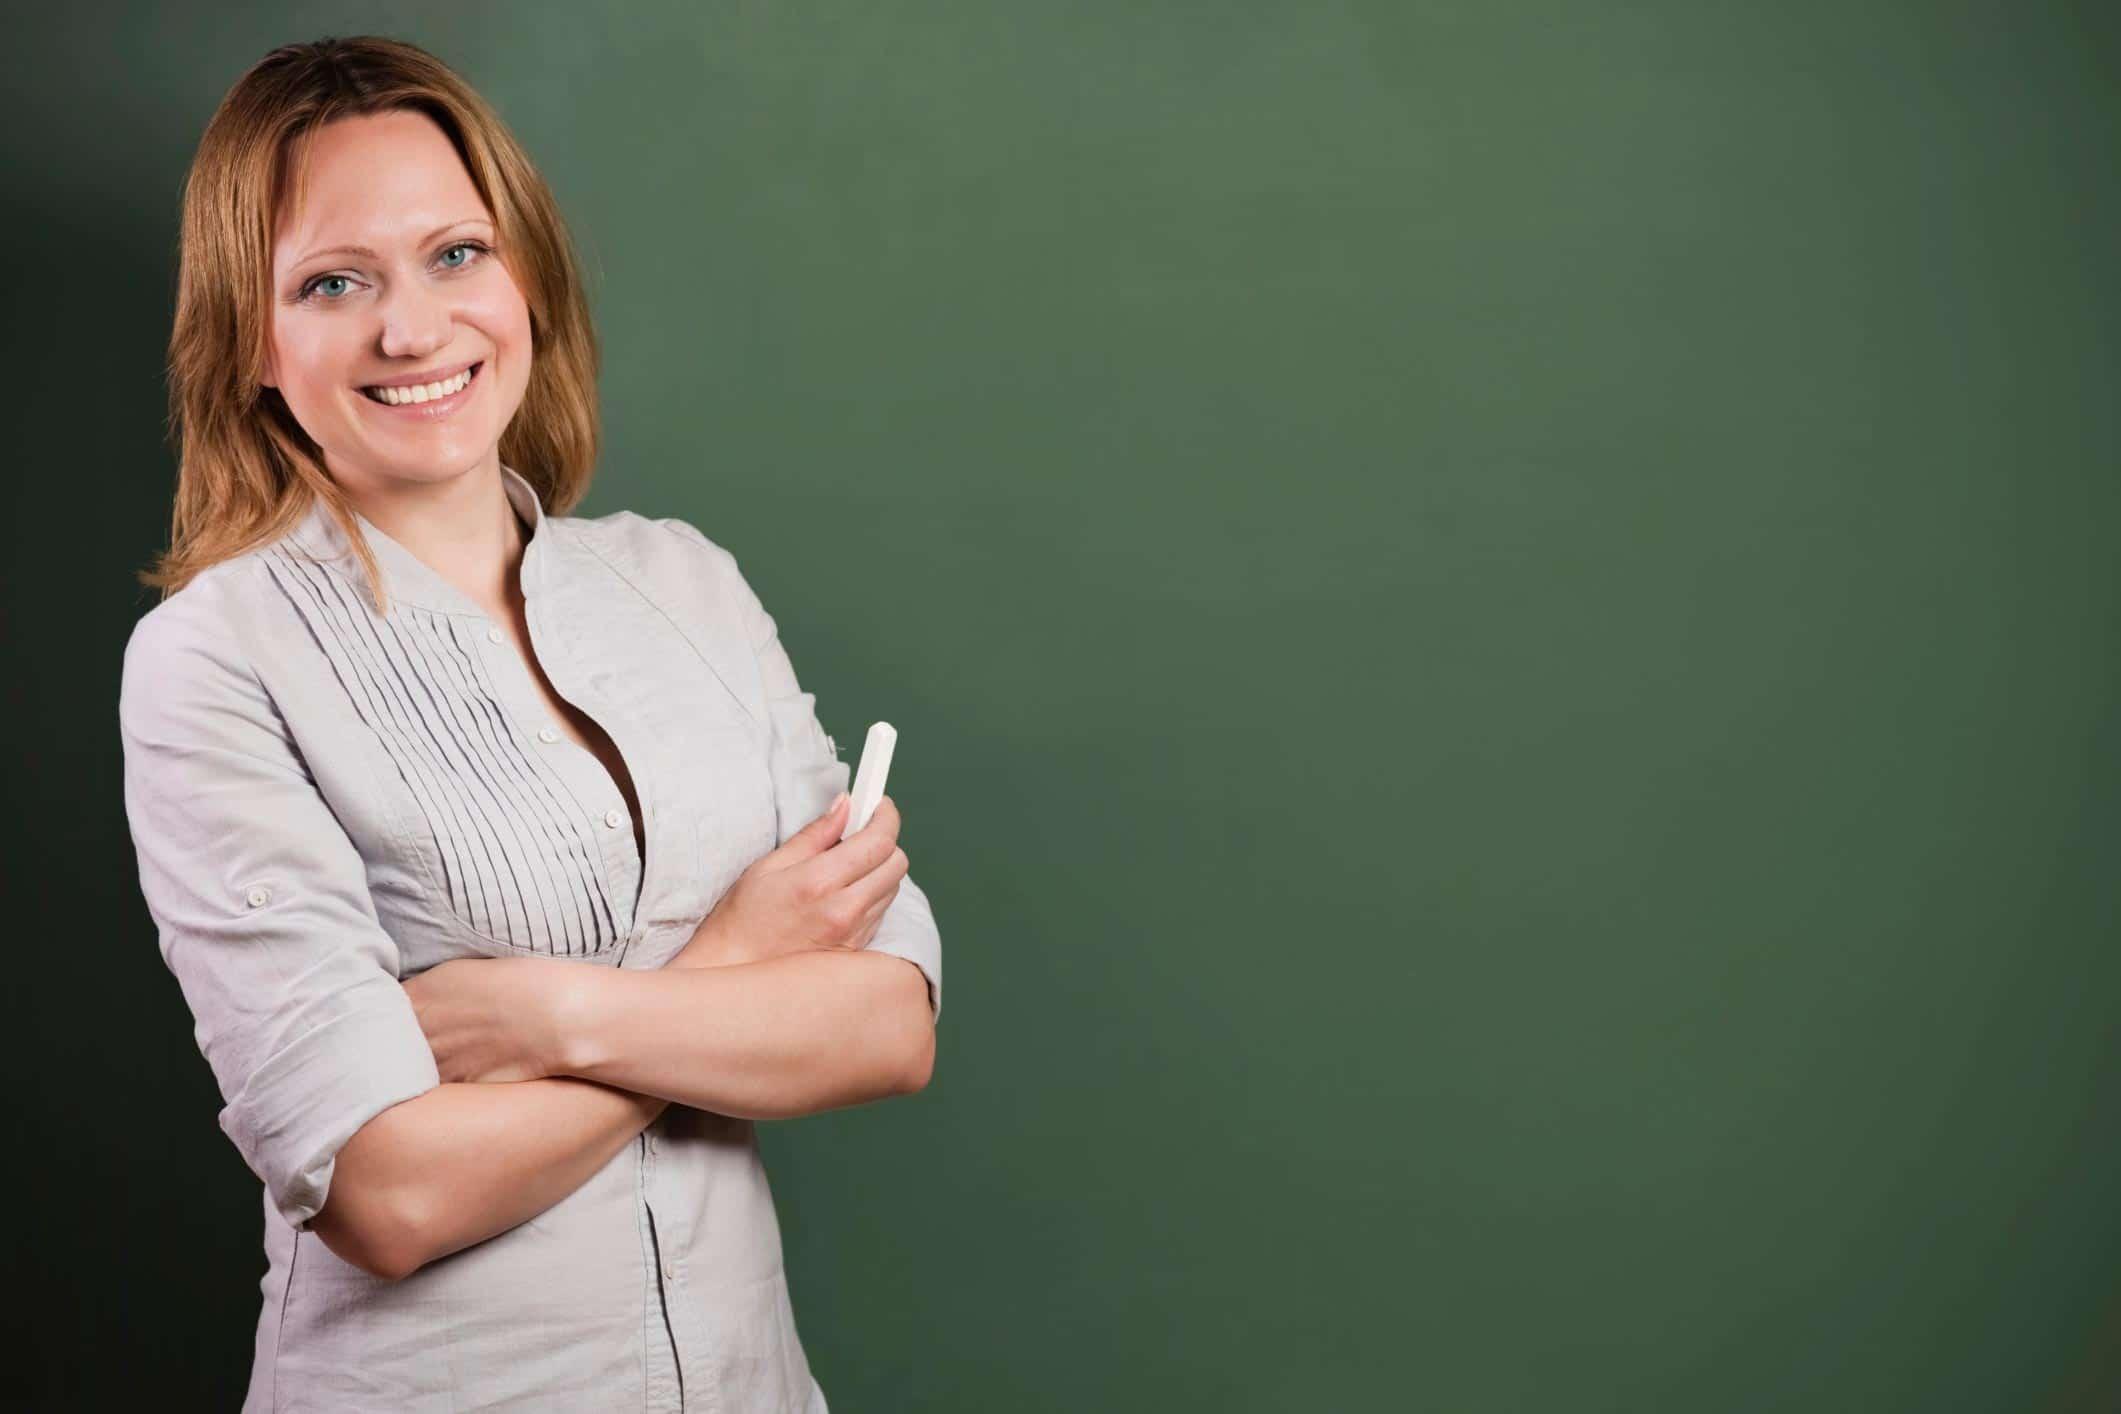 Öğretmenlerin Kariyer Basamaklarının Ayrılması İçin Kanun Teklifi Verildi